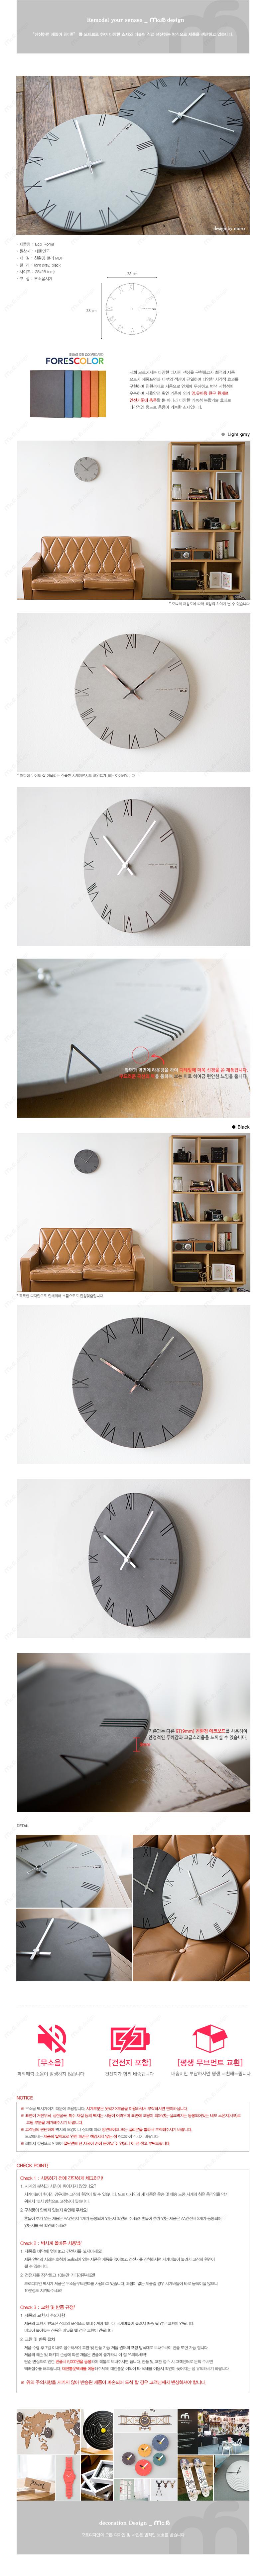 Eco 로마 무소음 벽시계 - 모로, 26,600원, 벽시계, 디자인벽시계